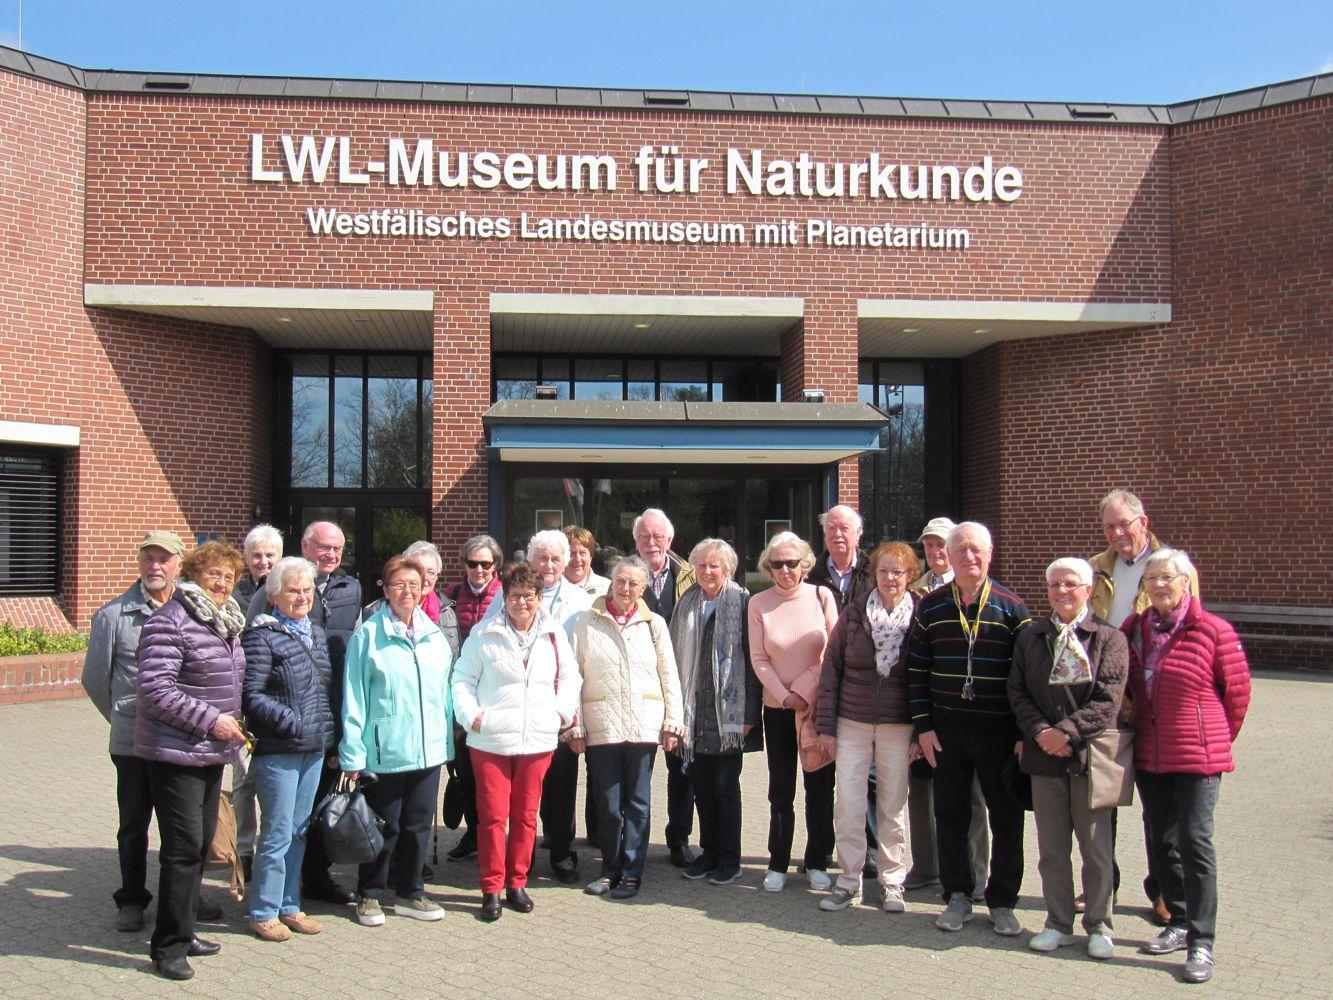 - VNU Tagesfahrt 2019 LWL Münster - Das Gehirn